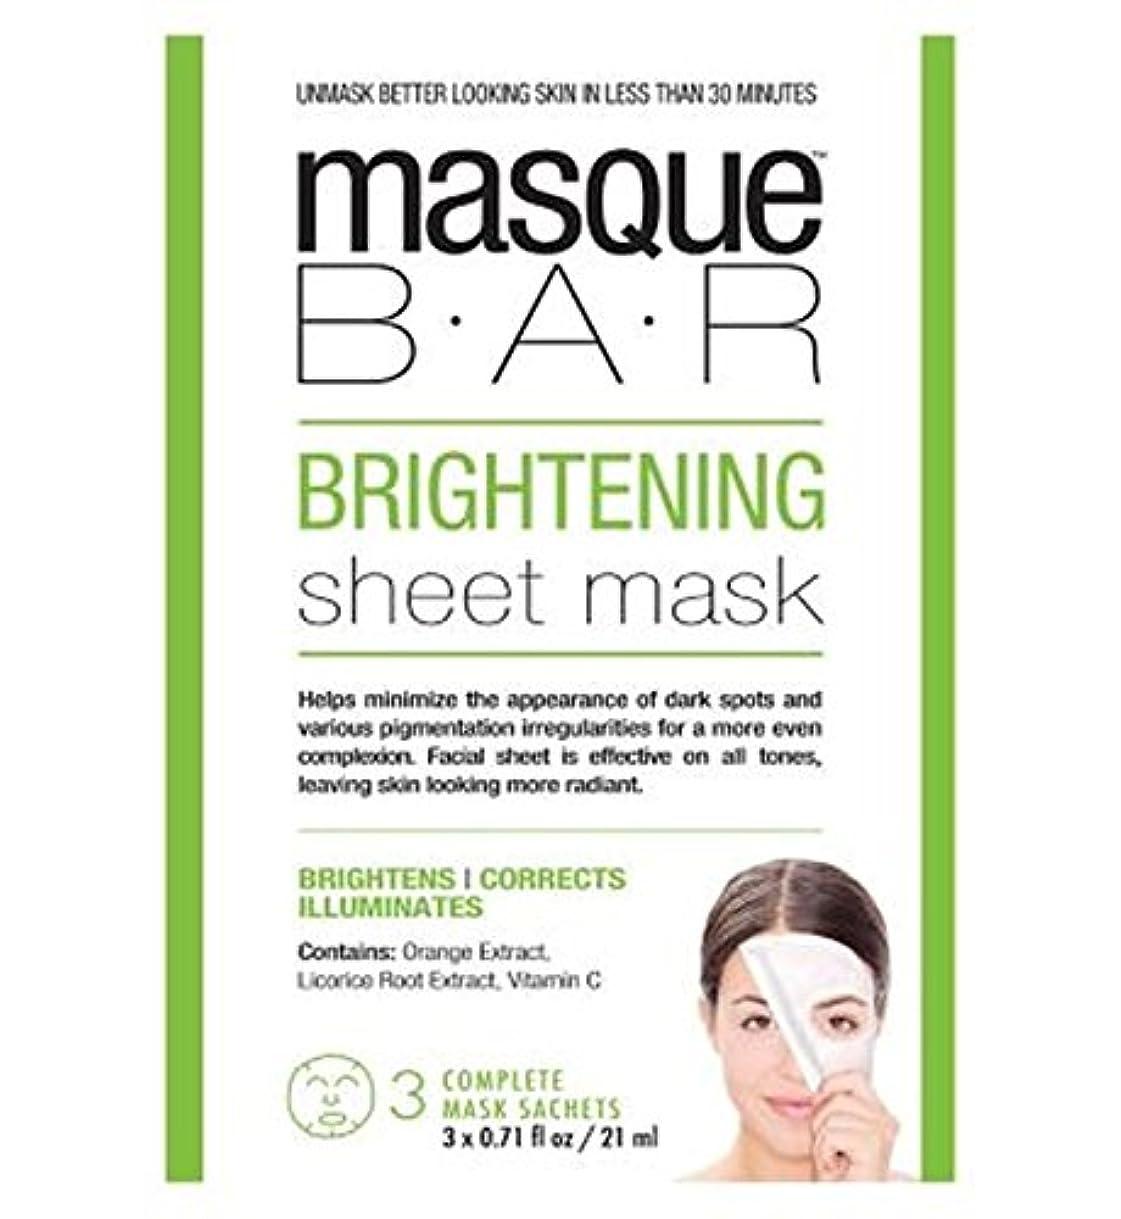 持参お勧め経験者仮面劇バー光沢シートマスク - 3S (P6B Masque Bar Bt) (x2) - Masque Bar Brightening Sheet Mask - 3s (Pack of 2) [並行輸入品]